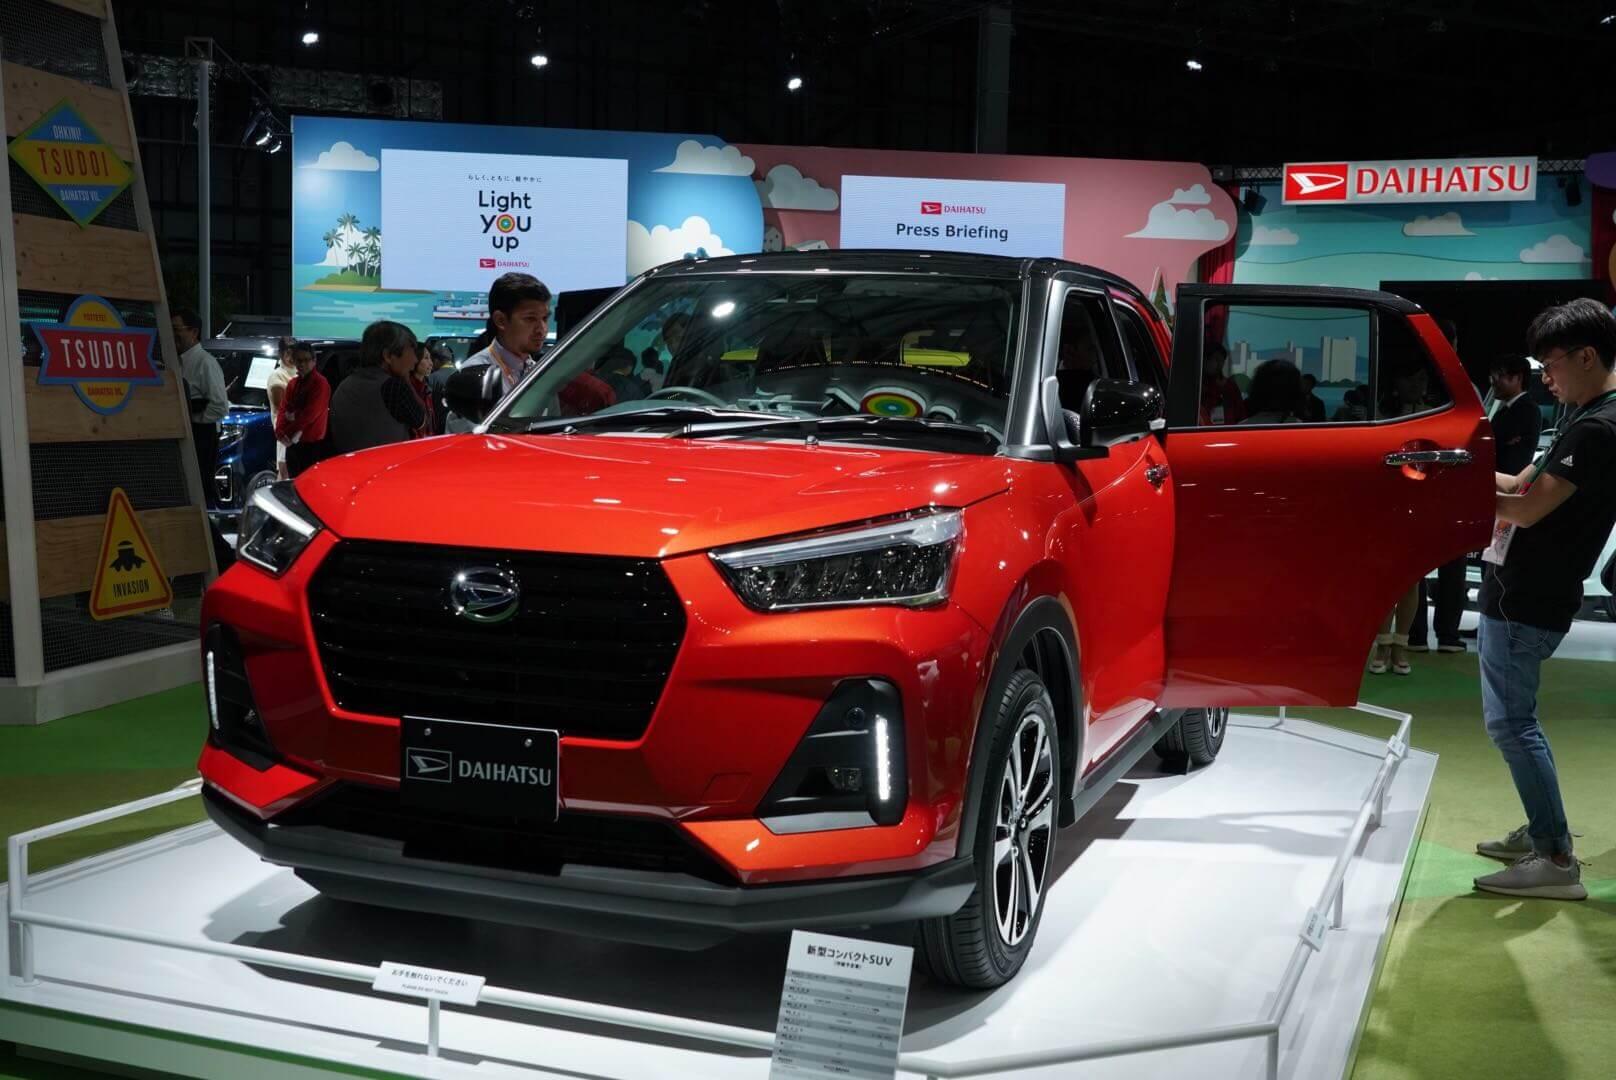 ダイハツ(トヨタ) 新型 小型車 SUV (A-SUV)東京モーターショー2019